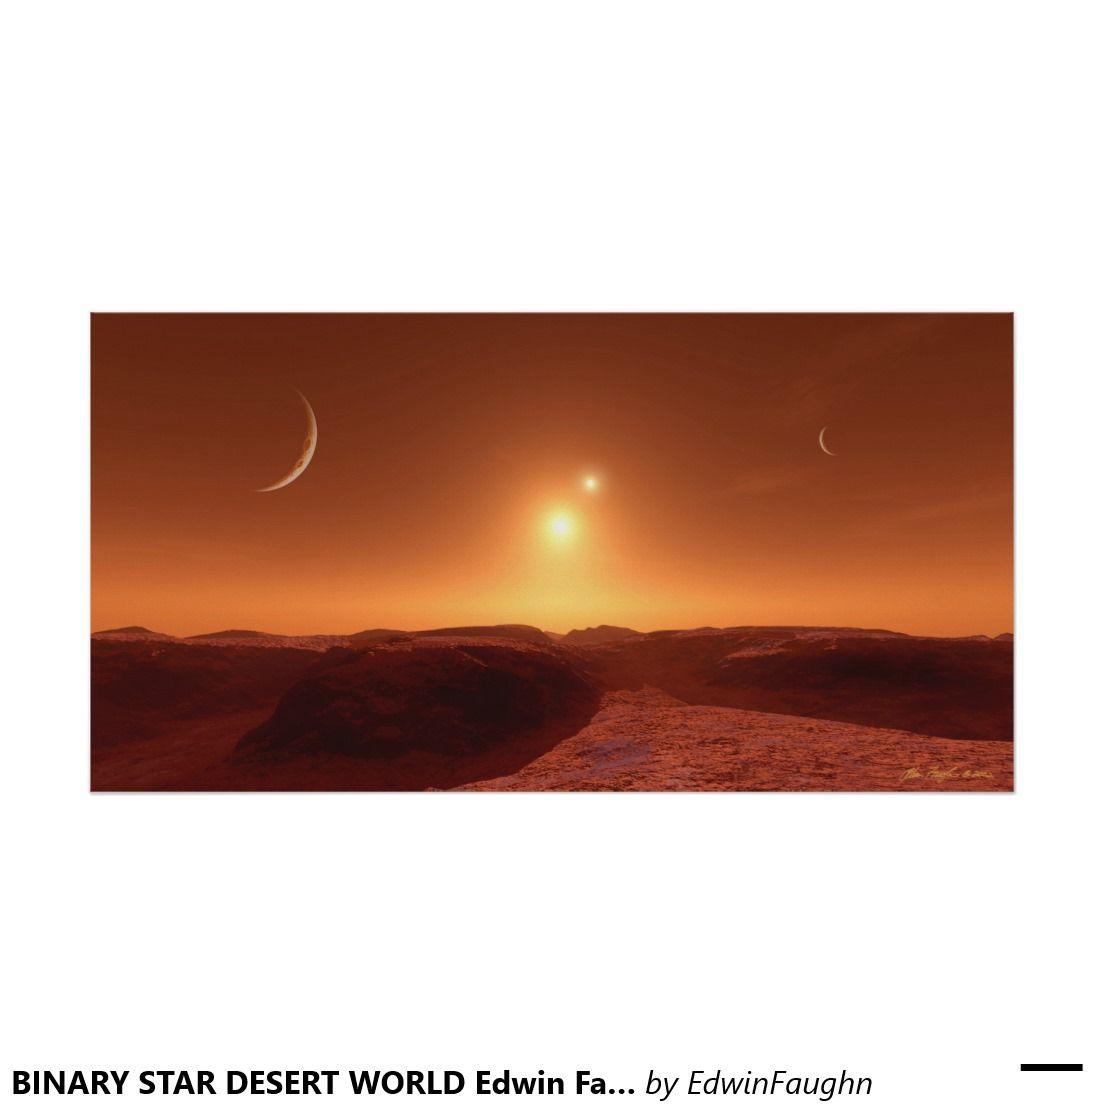 Binary Star Desert World Edwin Faughn Poster